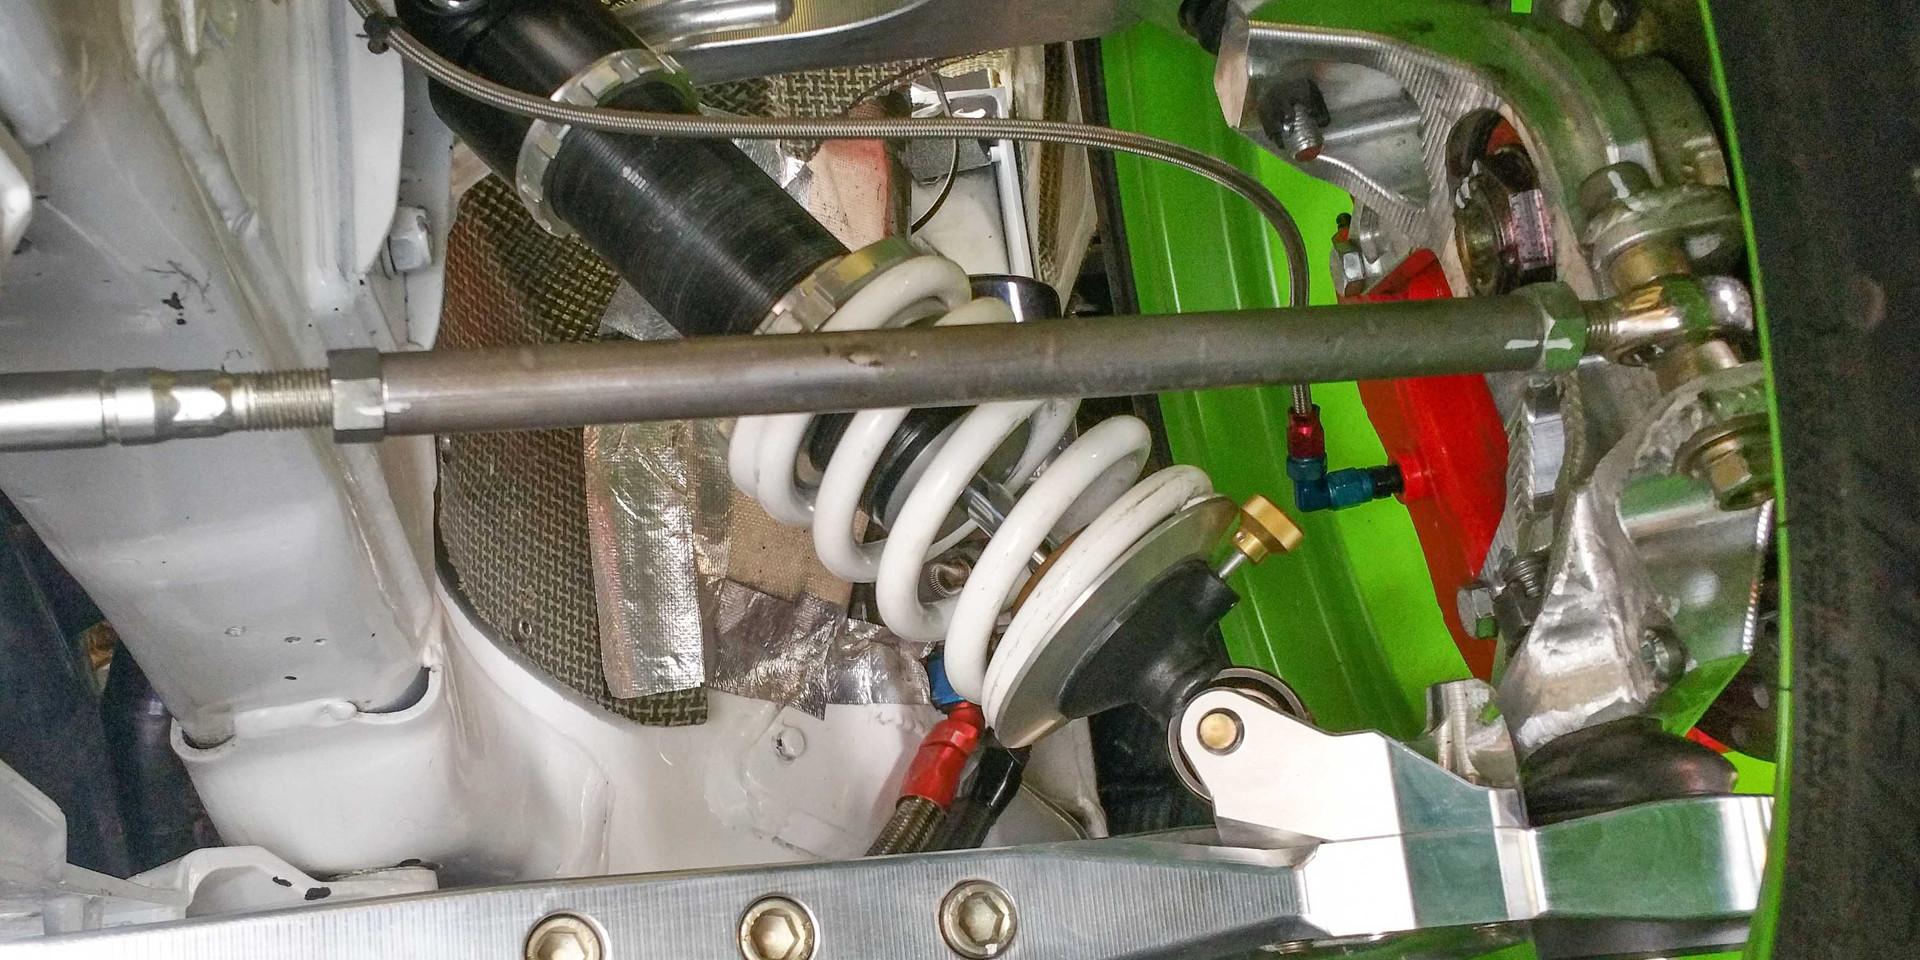 Suspension tuning V8 Corvette drift car -Japan